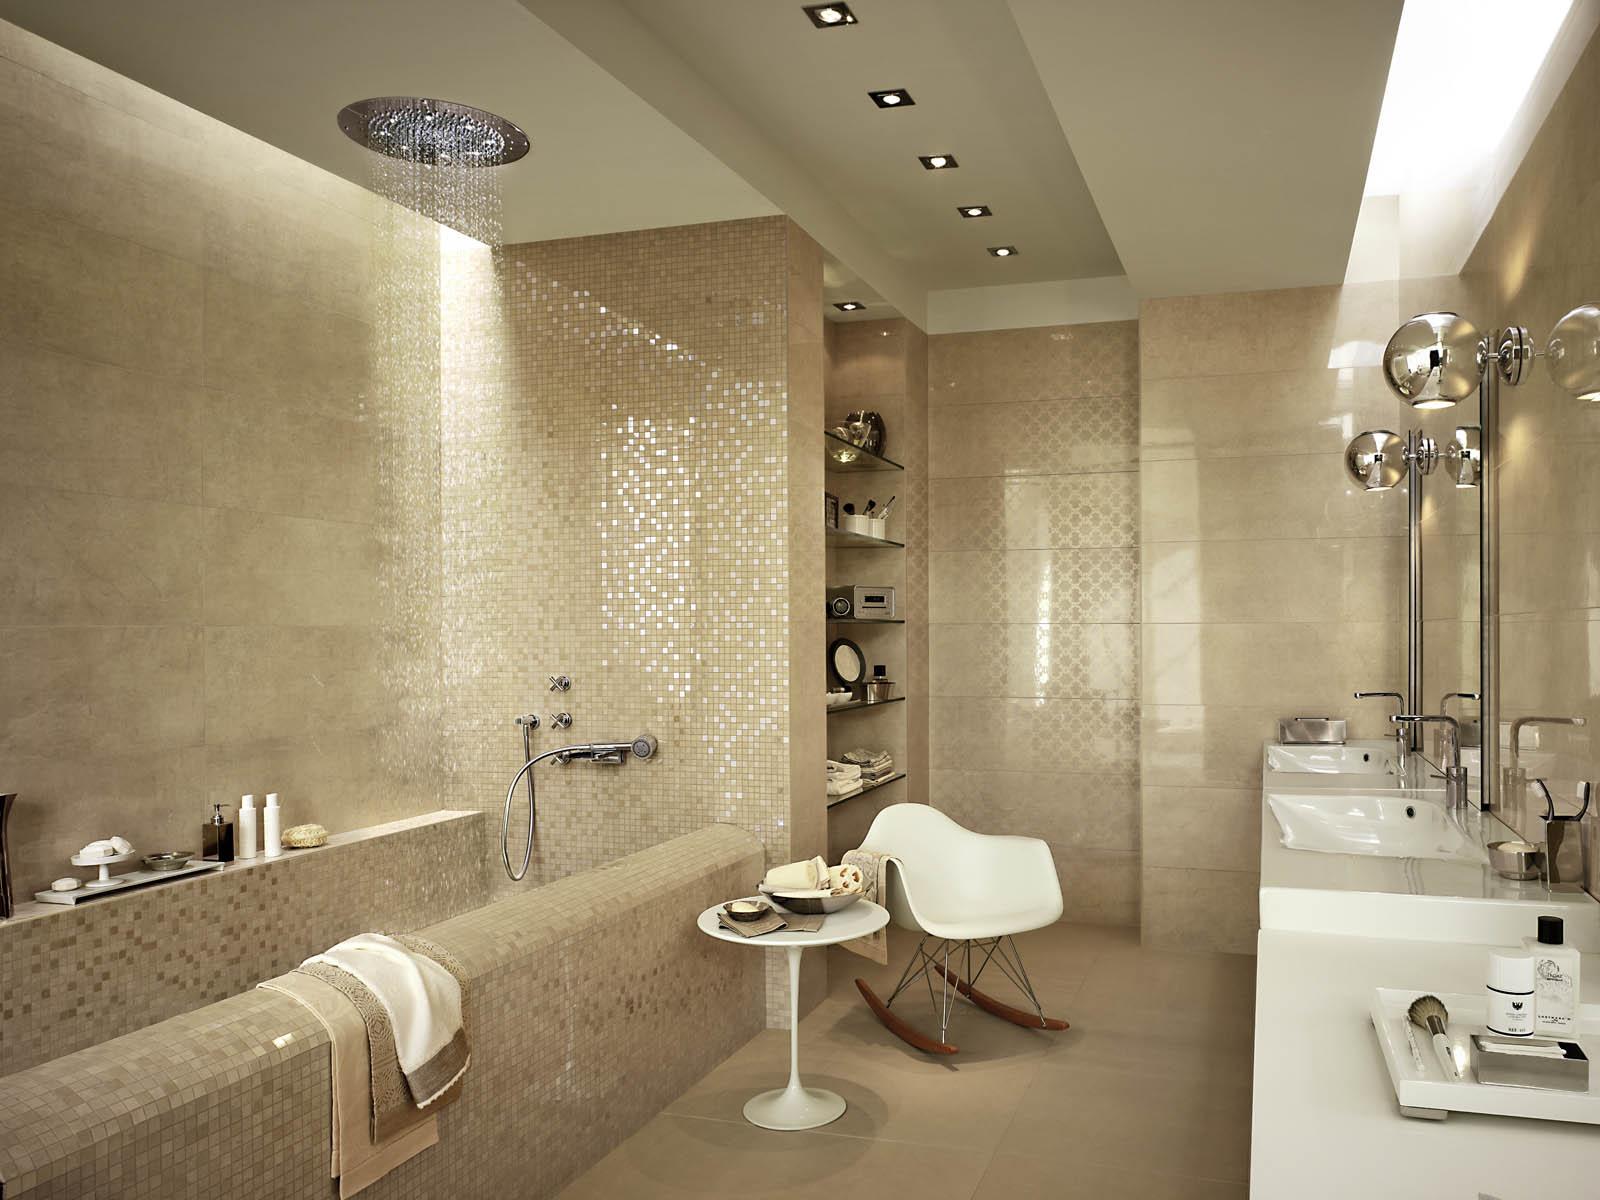 Stonevision rivestimento lucido marazzi - Comporre un bagno ...